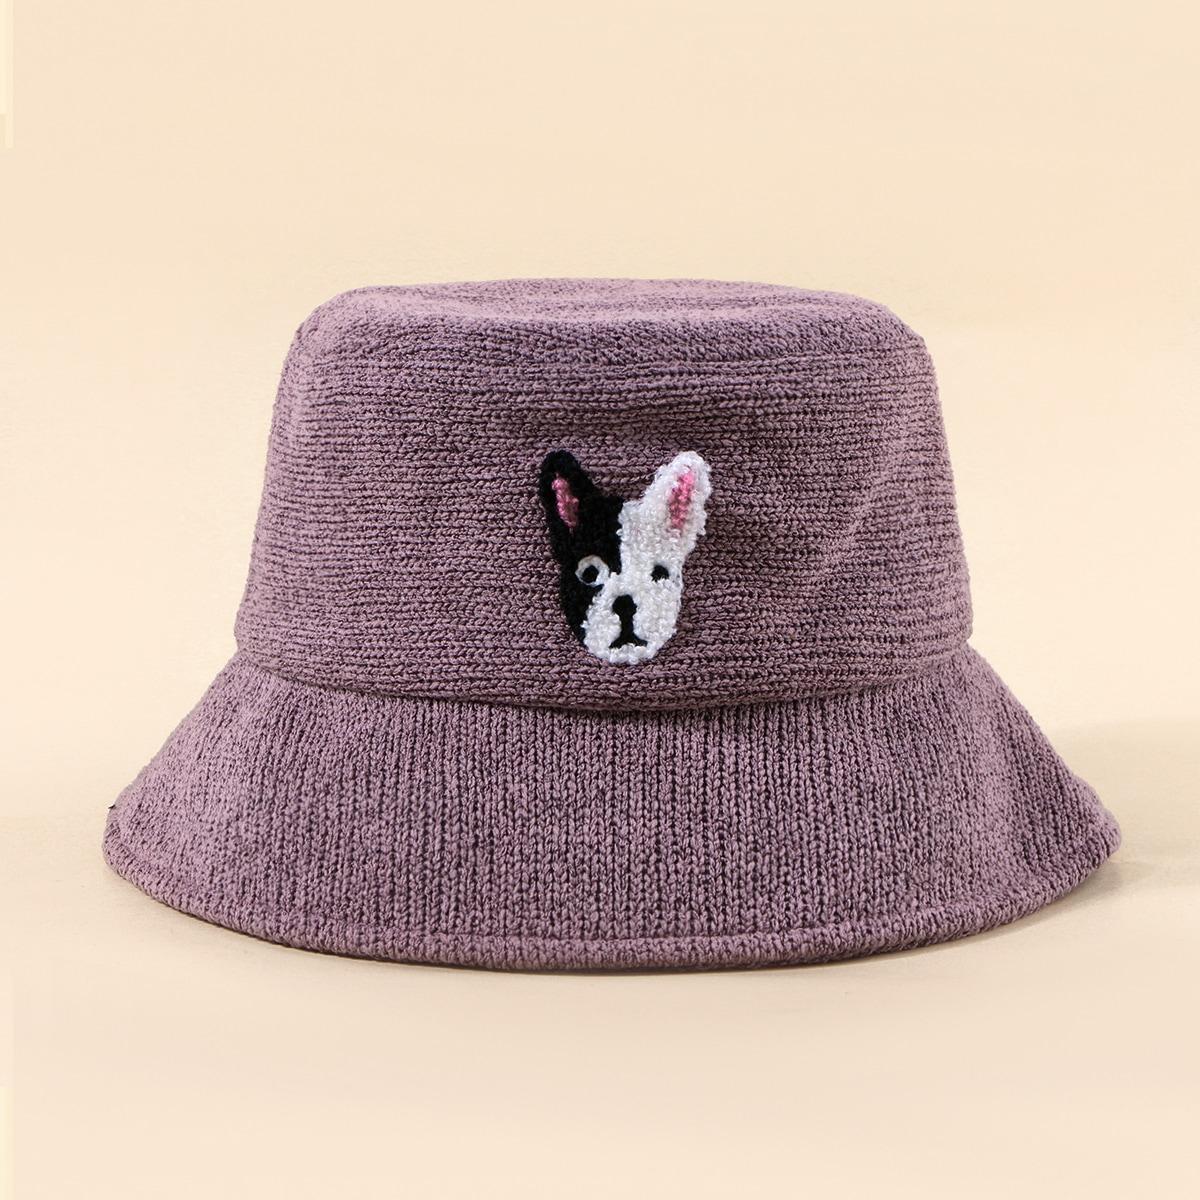 Вязаная шляпа с вышивкой собаки